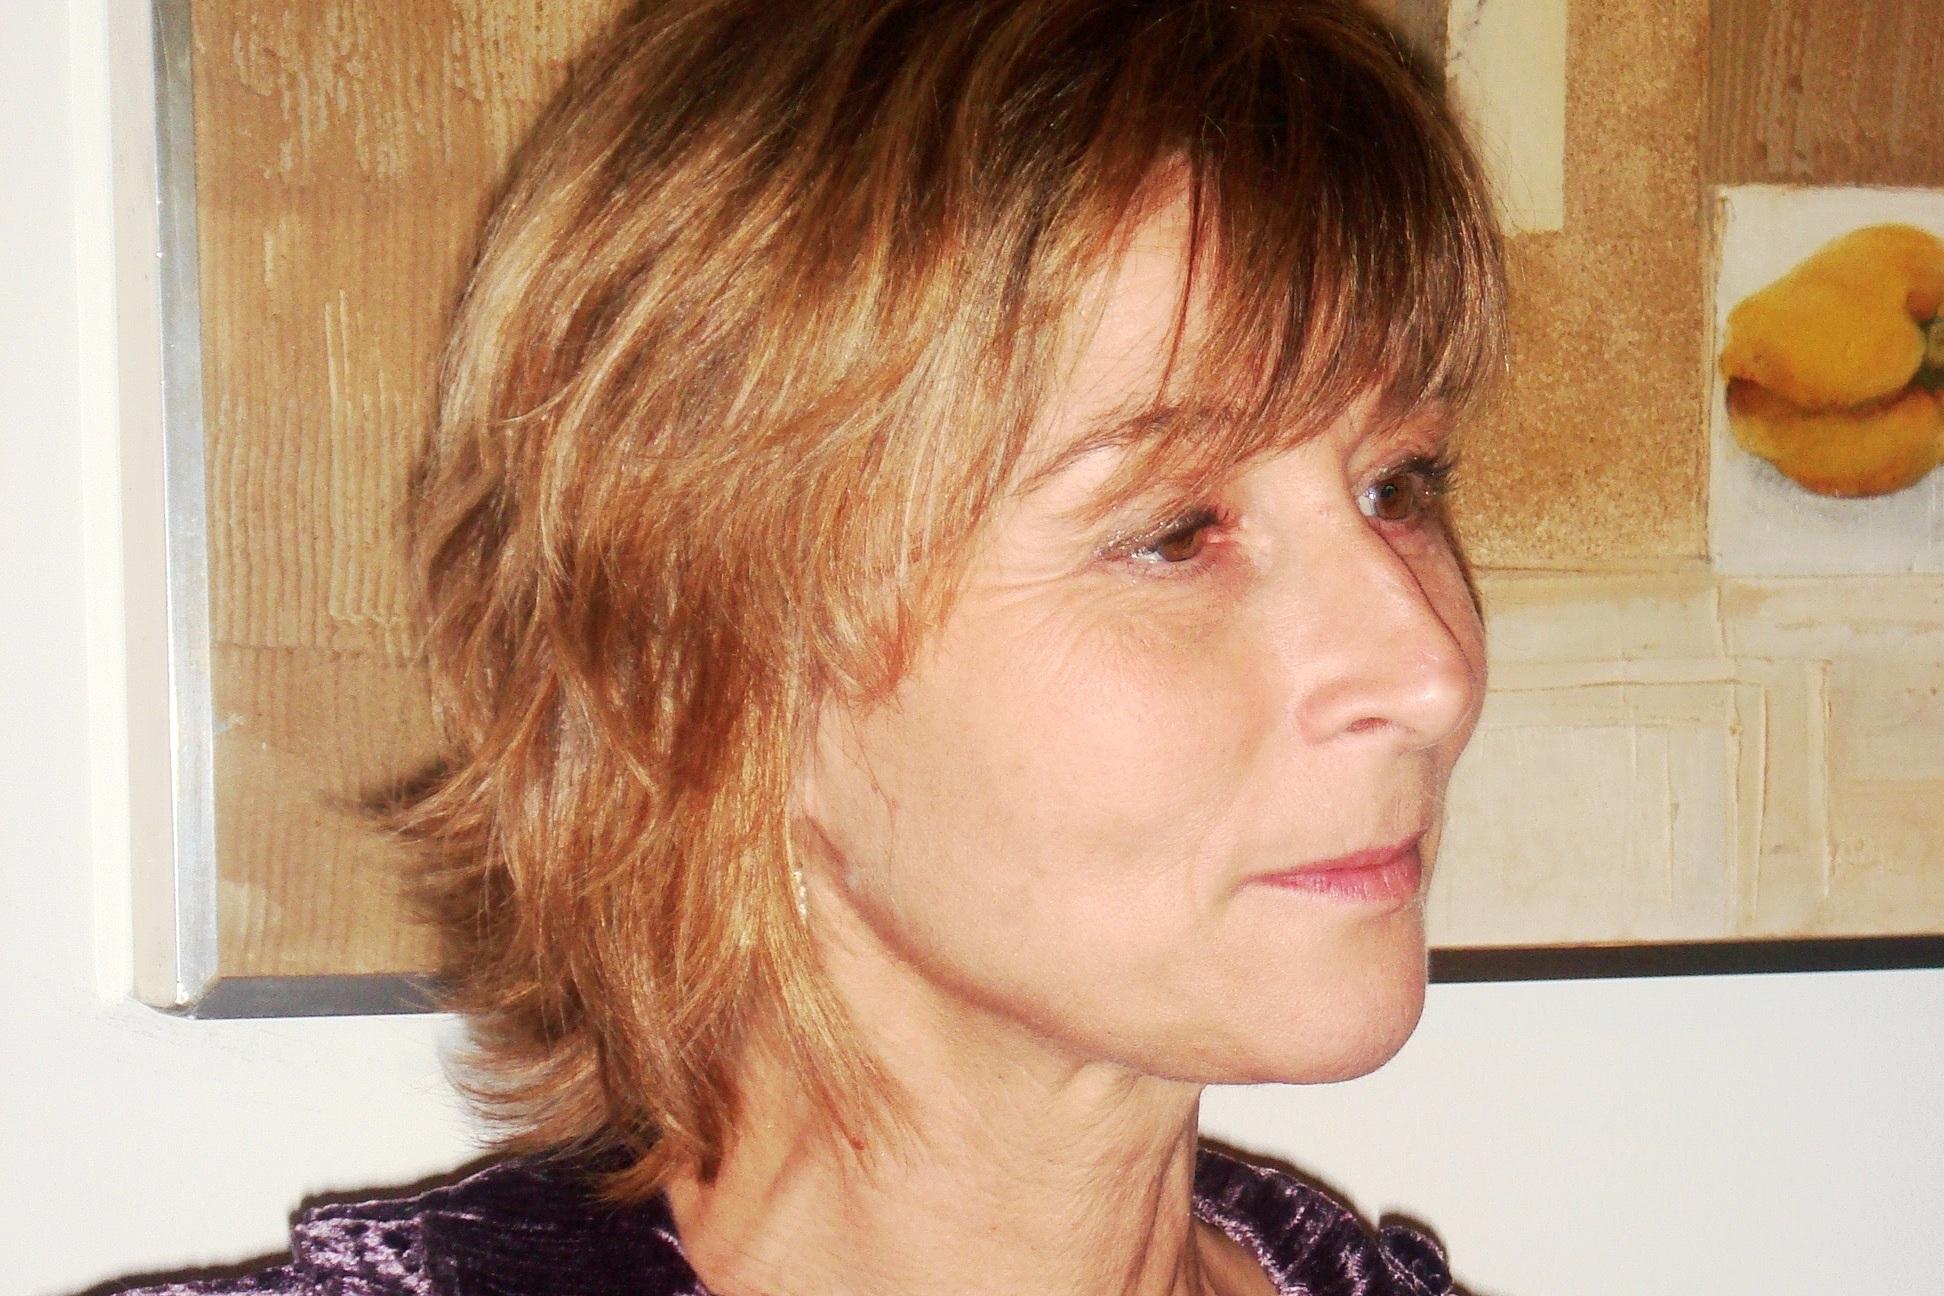 Viviane Tordeurs - Covoorzitter. Viviane is voorzitter van de Franstalige vereniging retina pigmentosa, die ze zelf oprichtte in 2007.